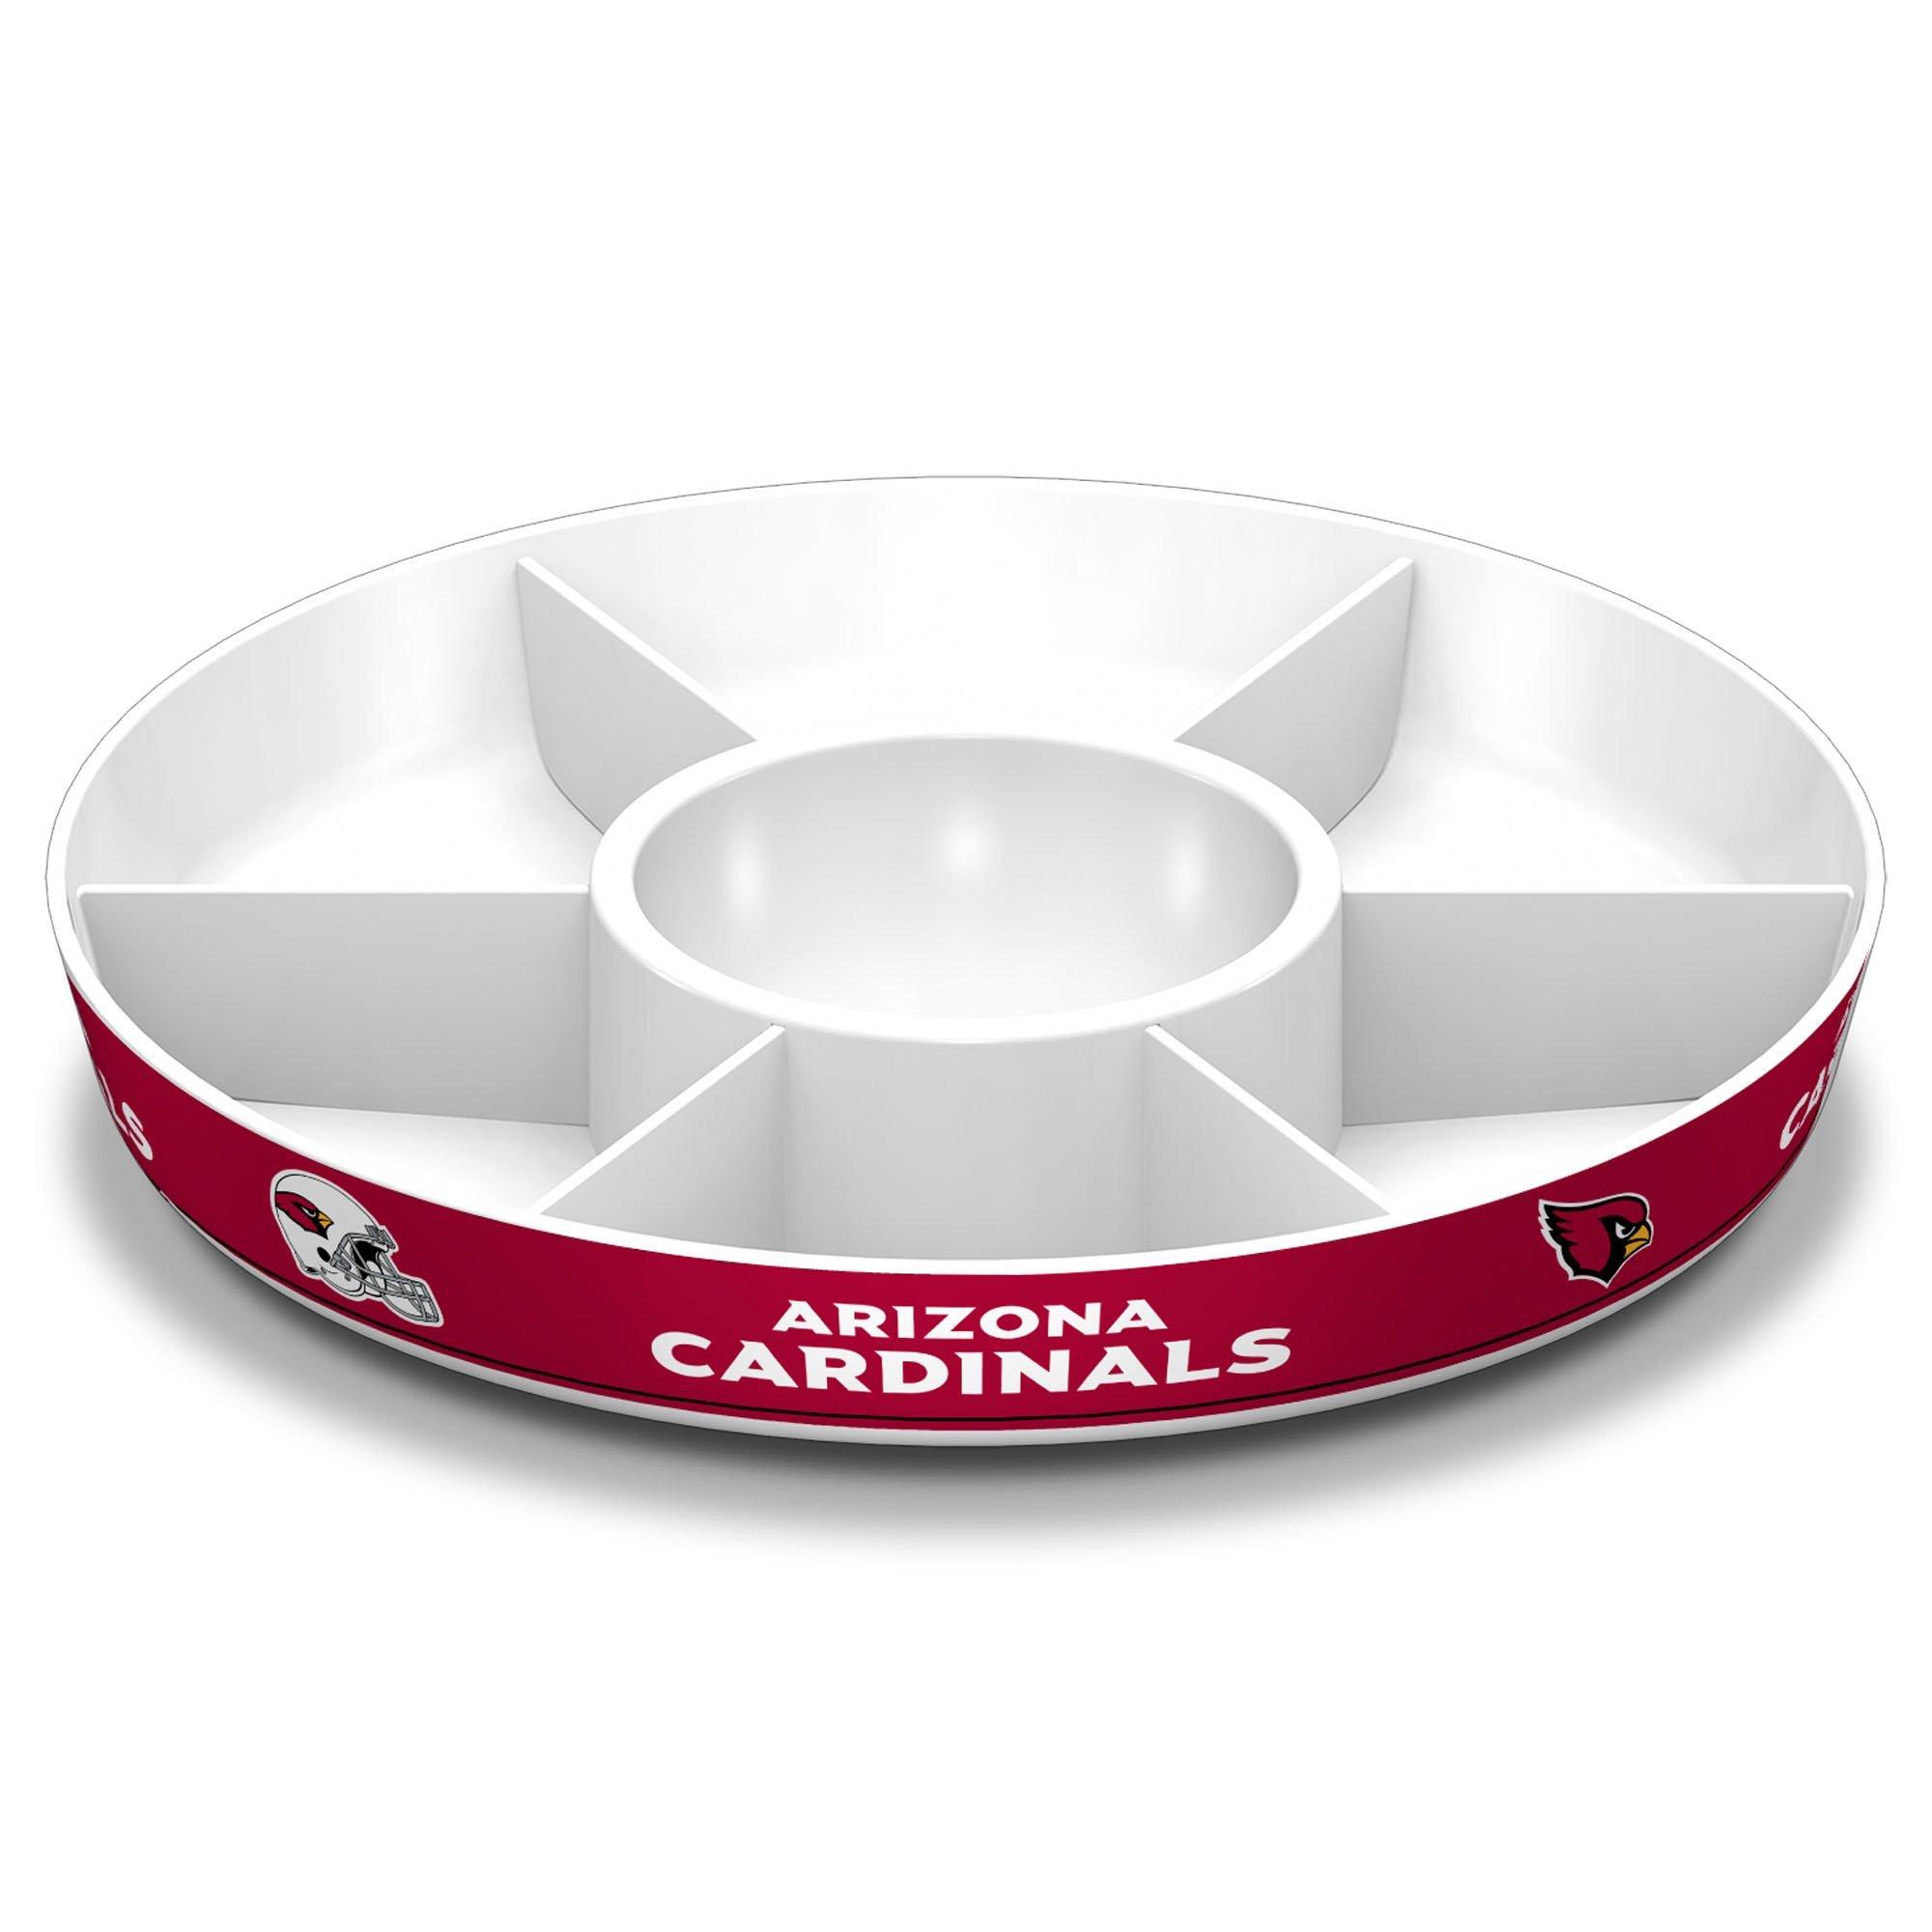 Fremont Die NFL Arizona Cardinals Party Platter, White by Fremont Die